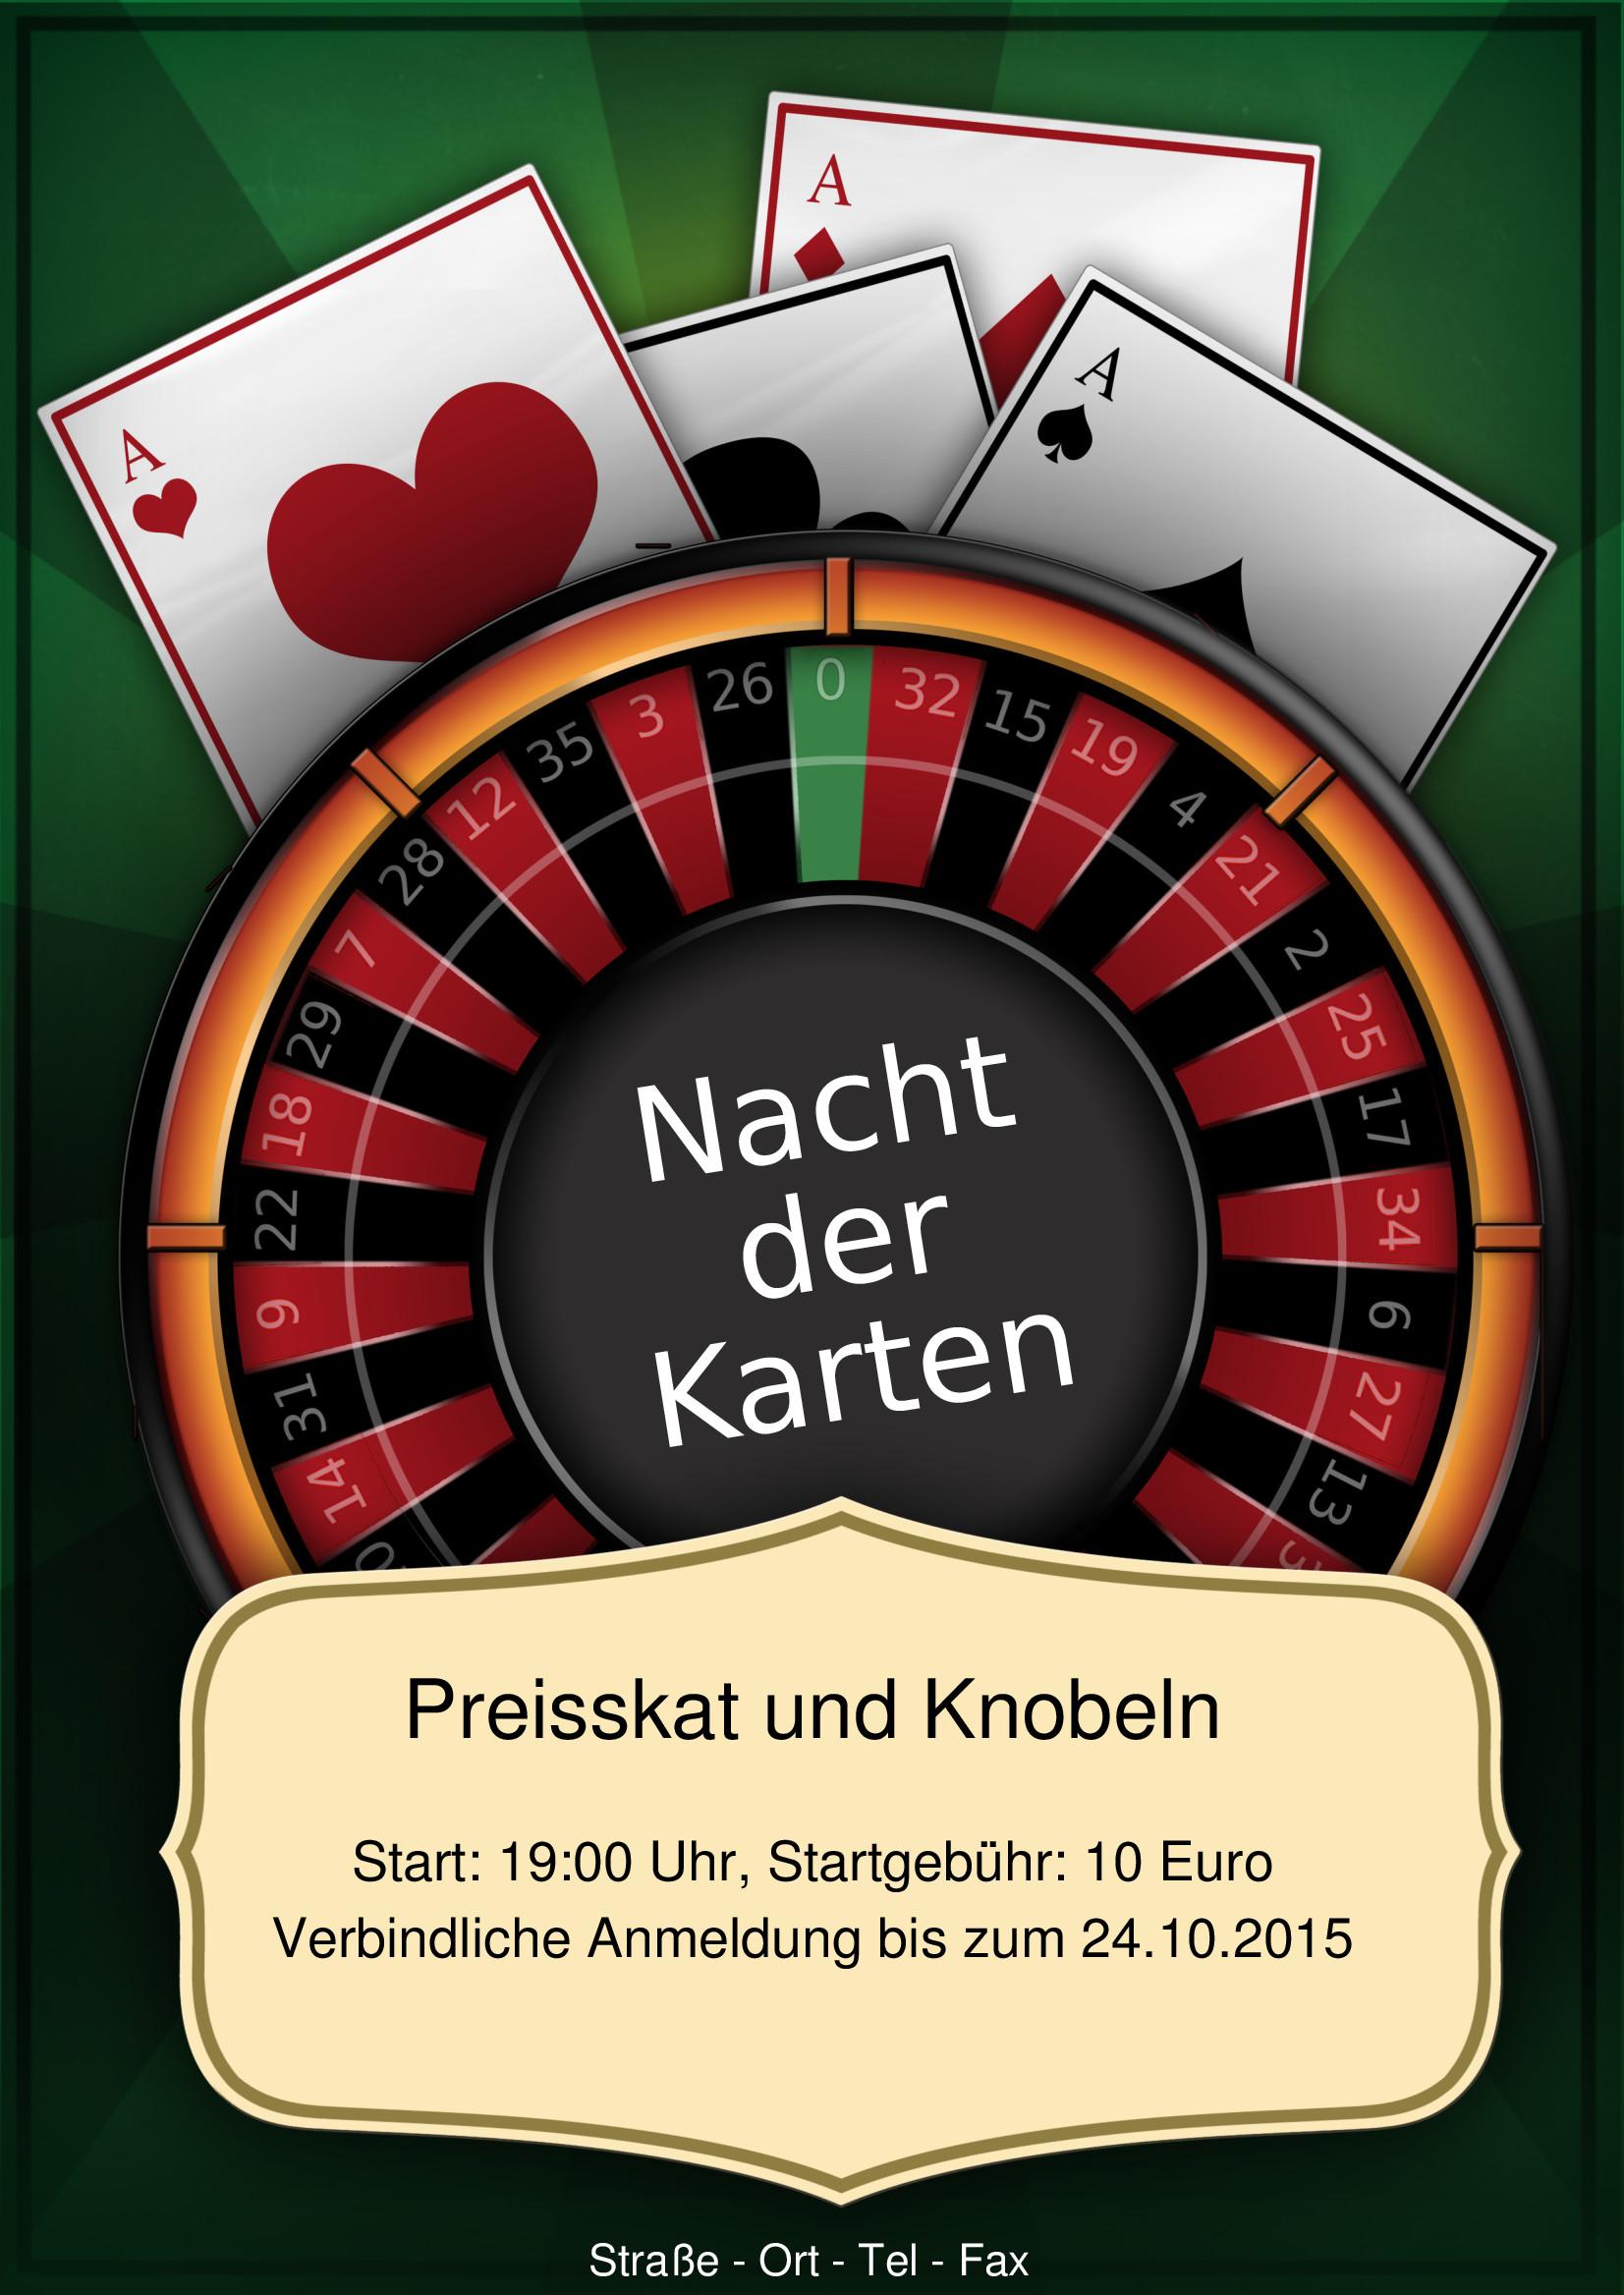 Star Games Casino Skat